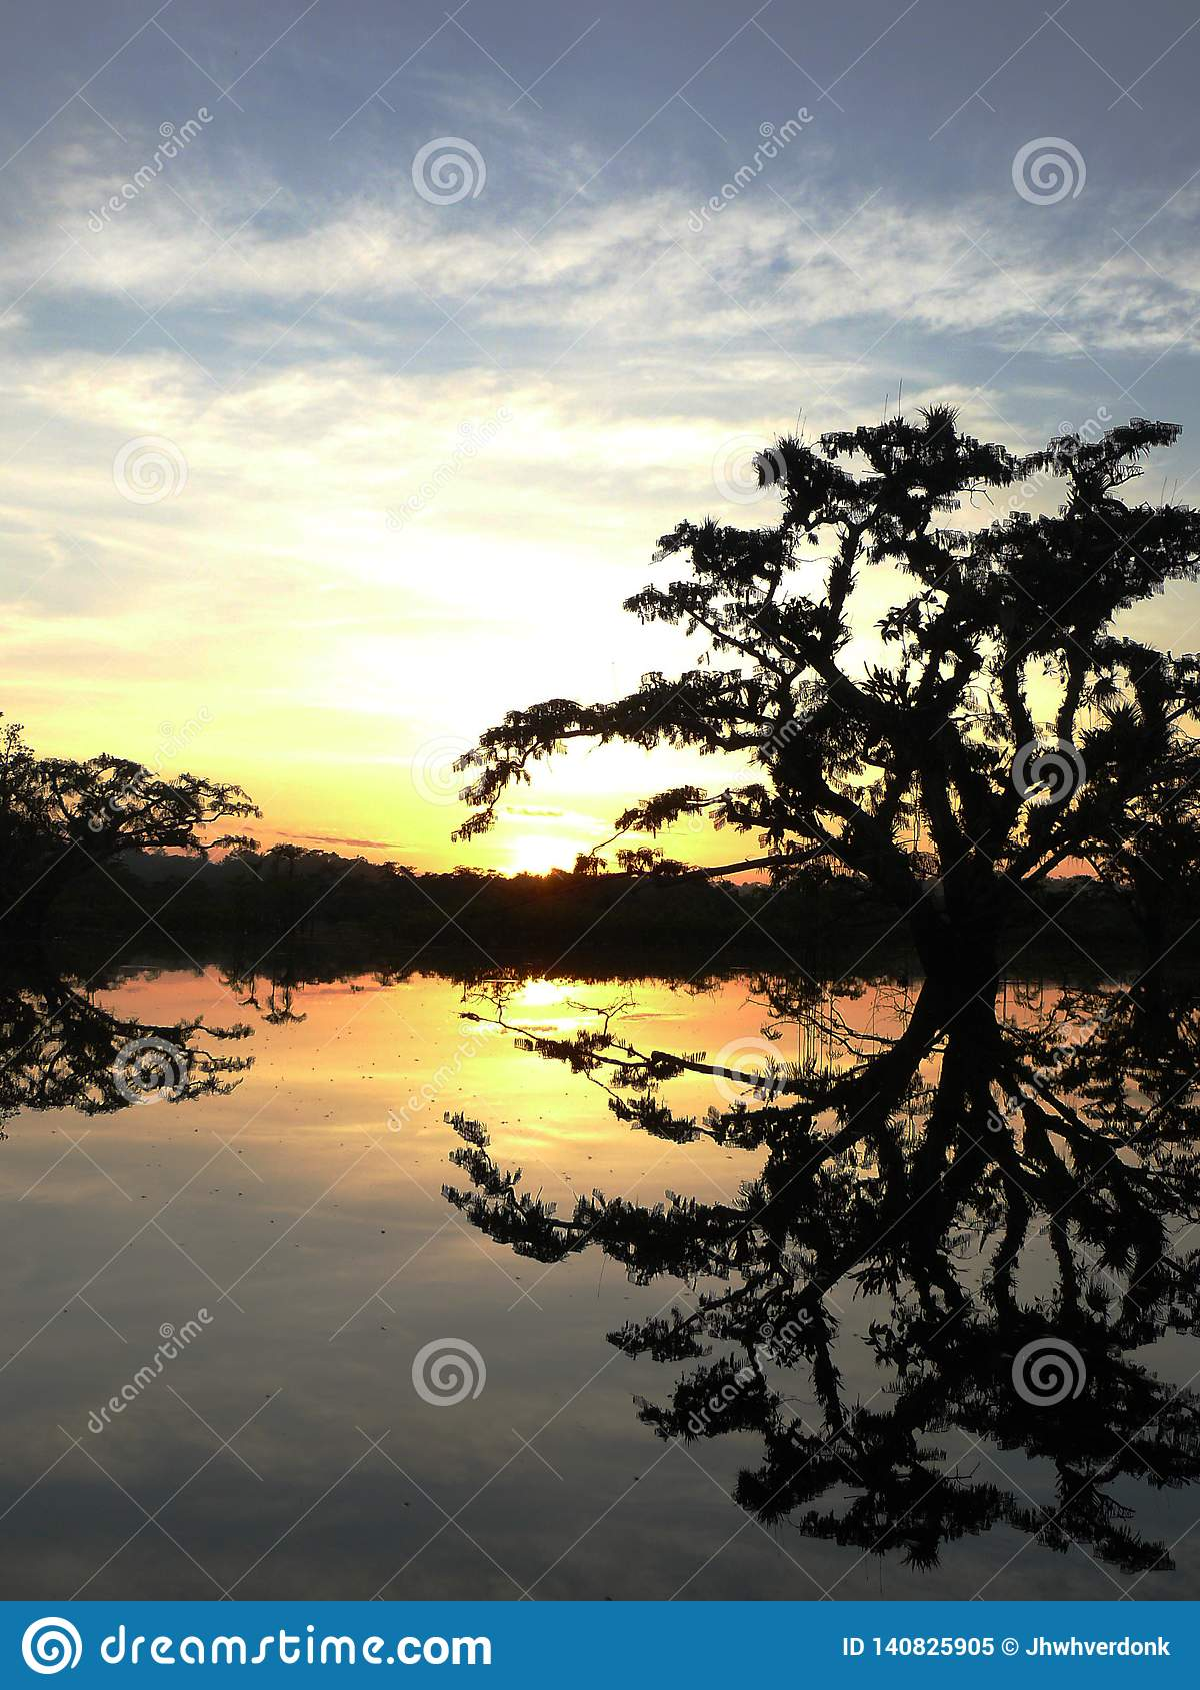 Silhoutte van een boom over een meer tijdens zonsondergang in een reis in cuyabeno, het grootste nationale park in Ecuatoriaanse